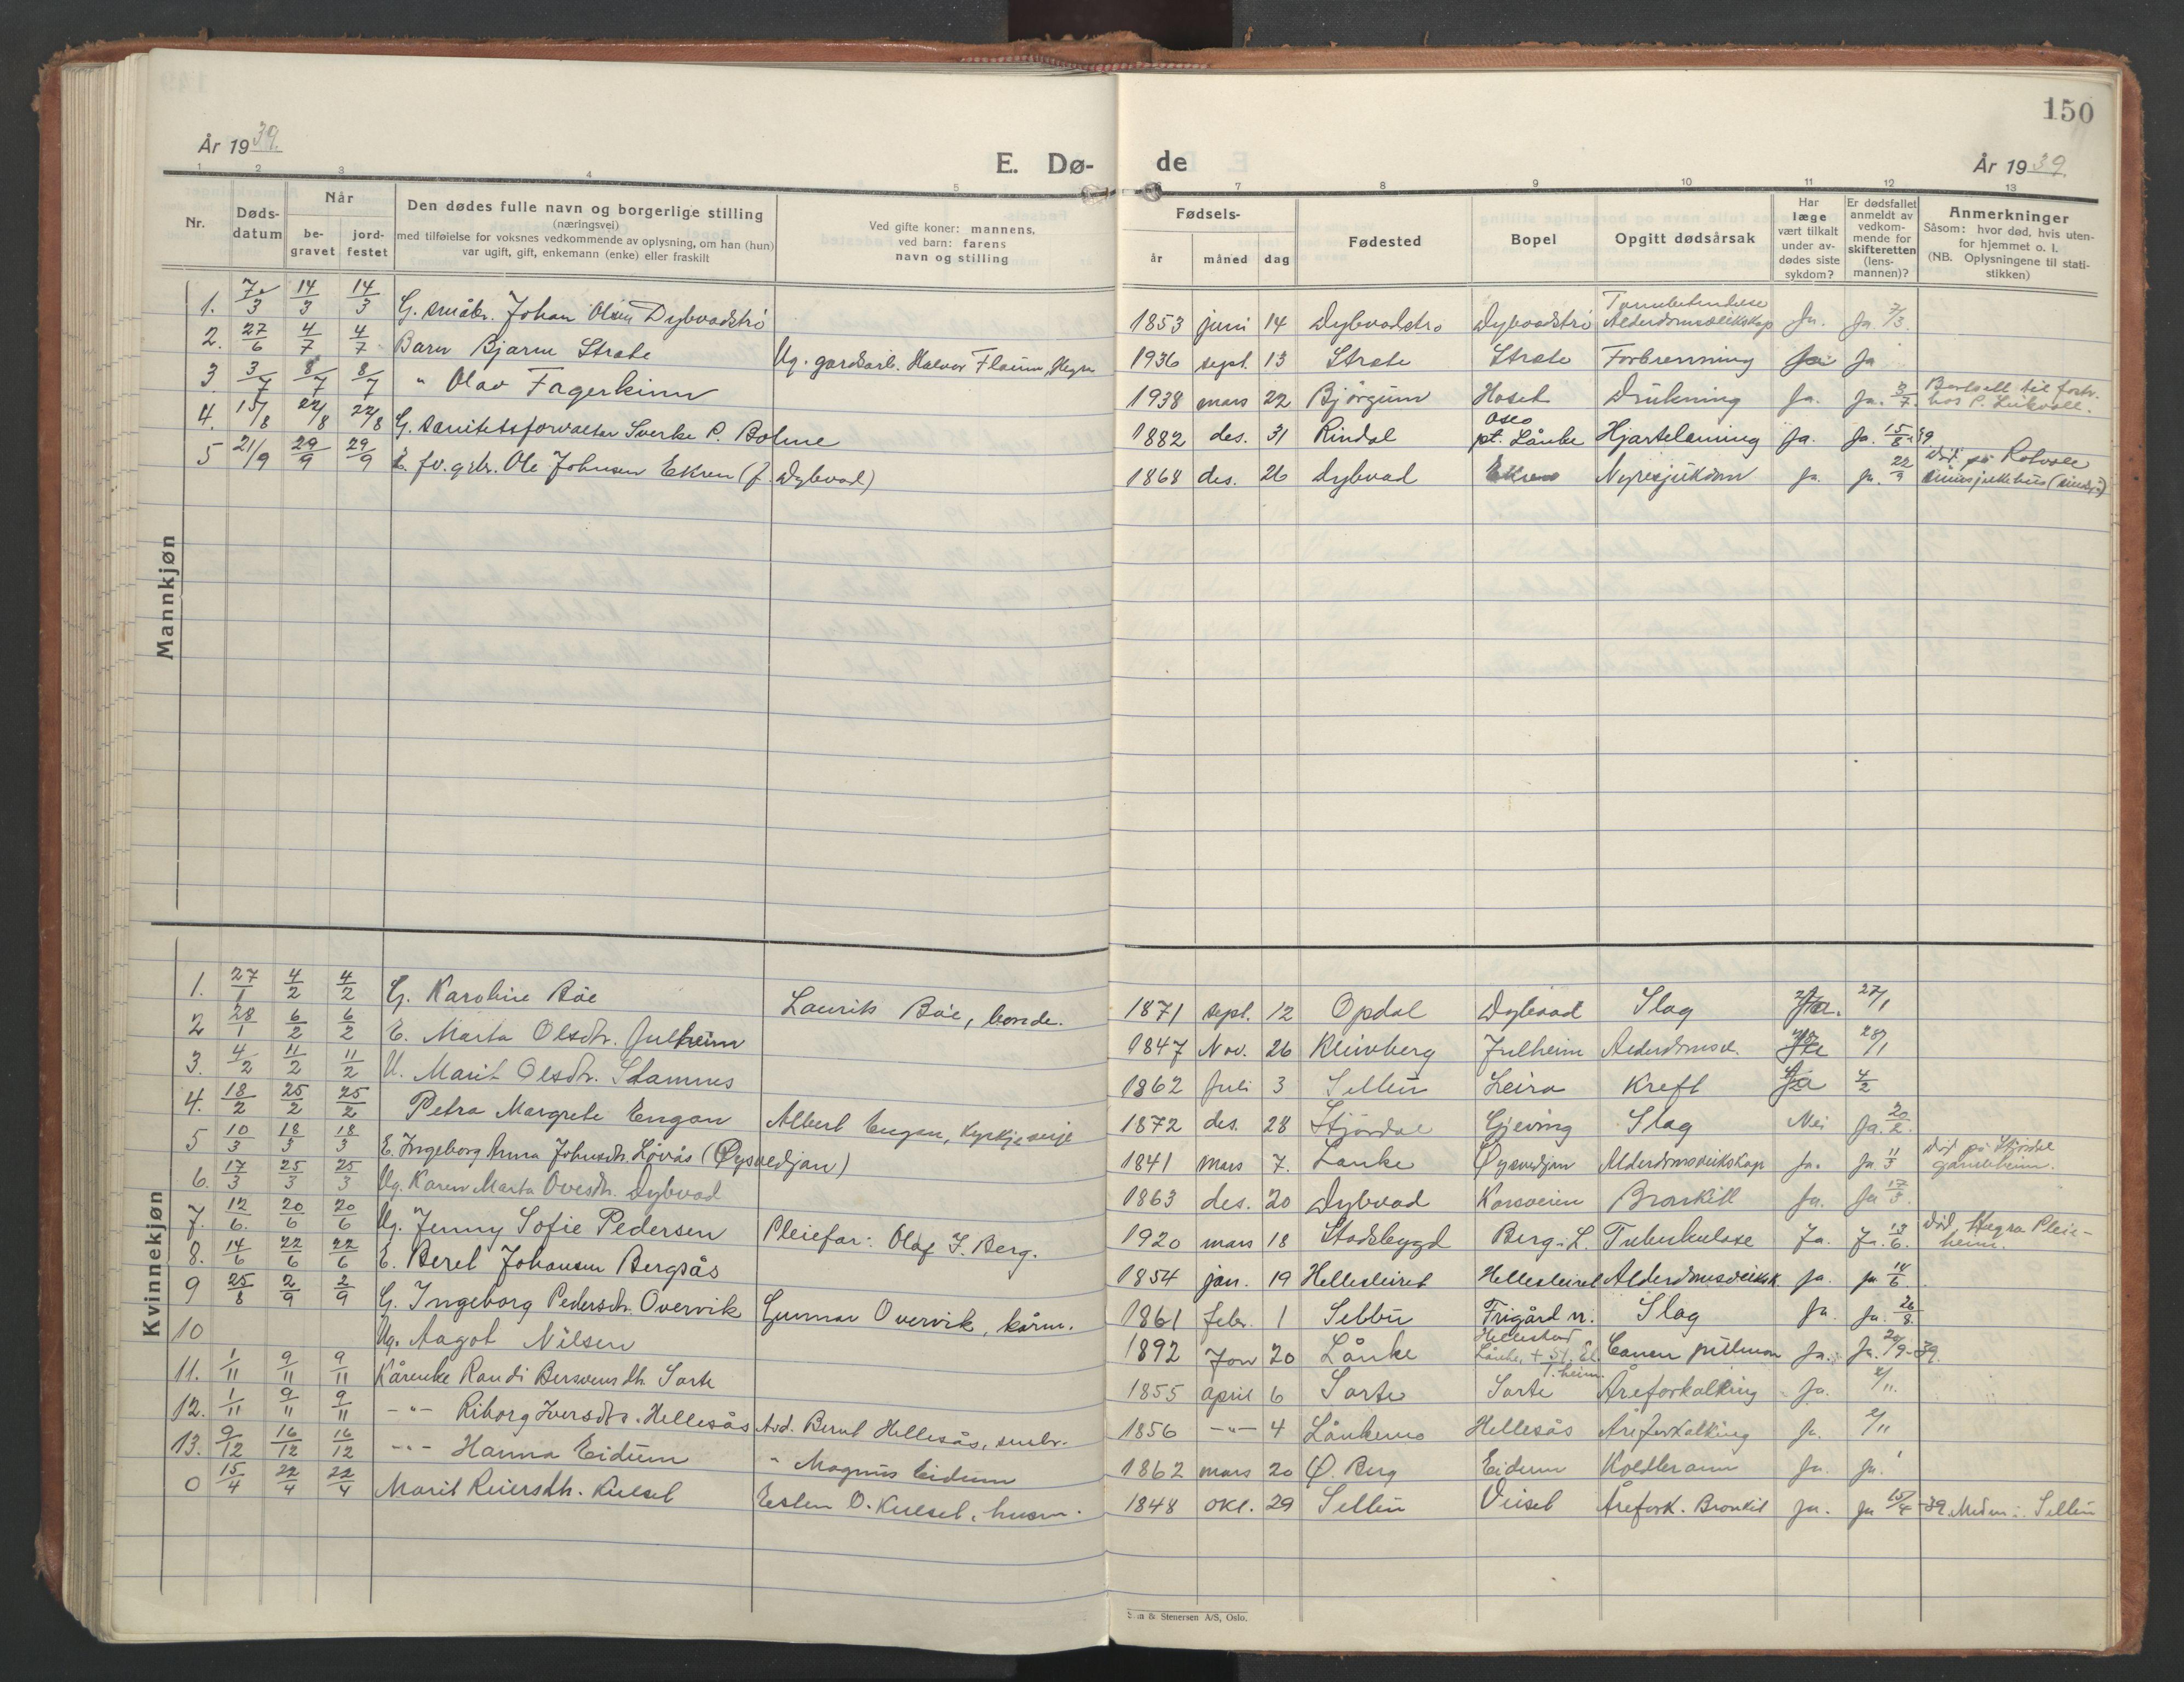 SAT, Ministerialprotokoller, klokkerbøker og fødselsregistre - Nord-Trøndelag, 710/L0097: Klokkerbok nr. 710C02, 1925-1955, s. 150